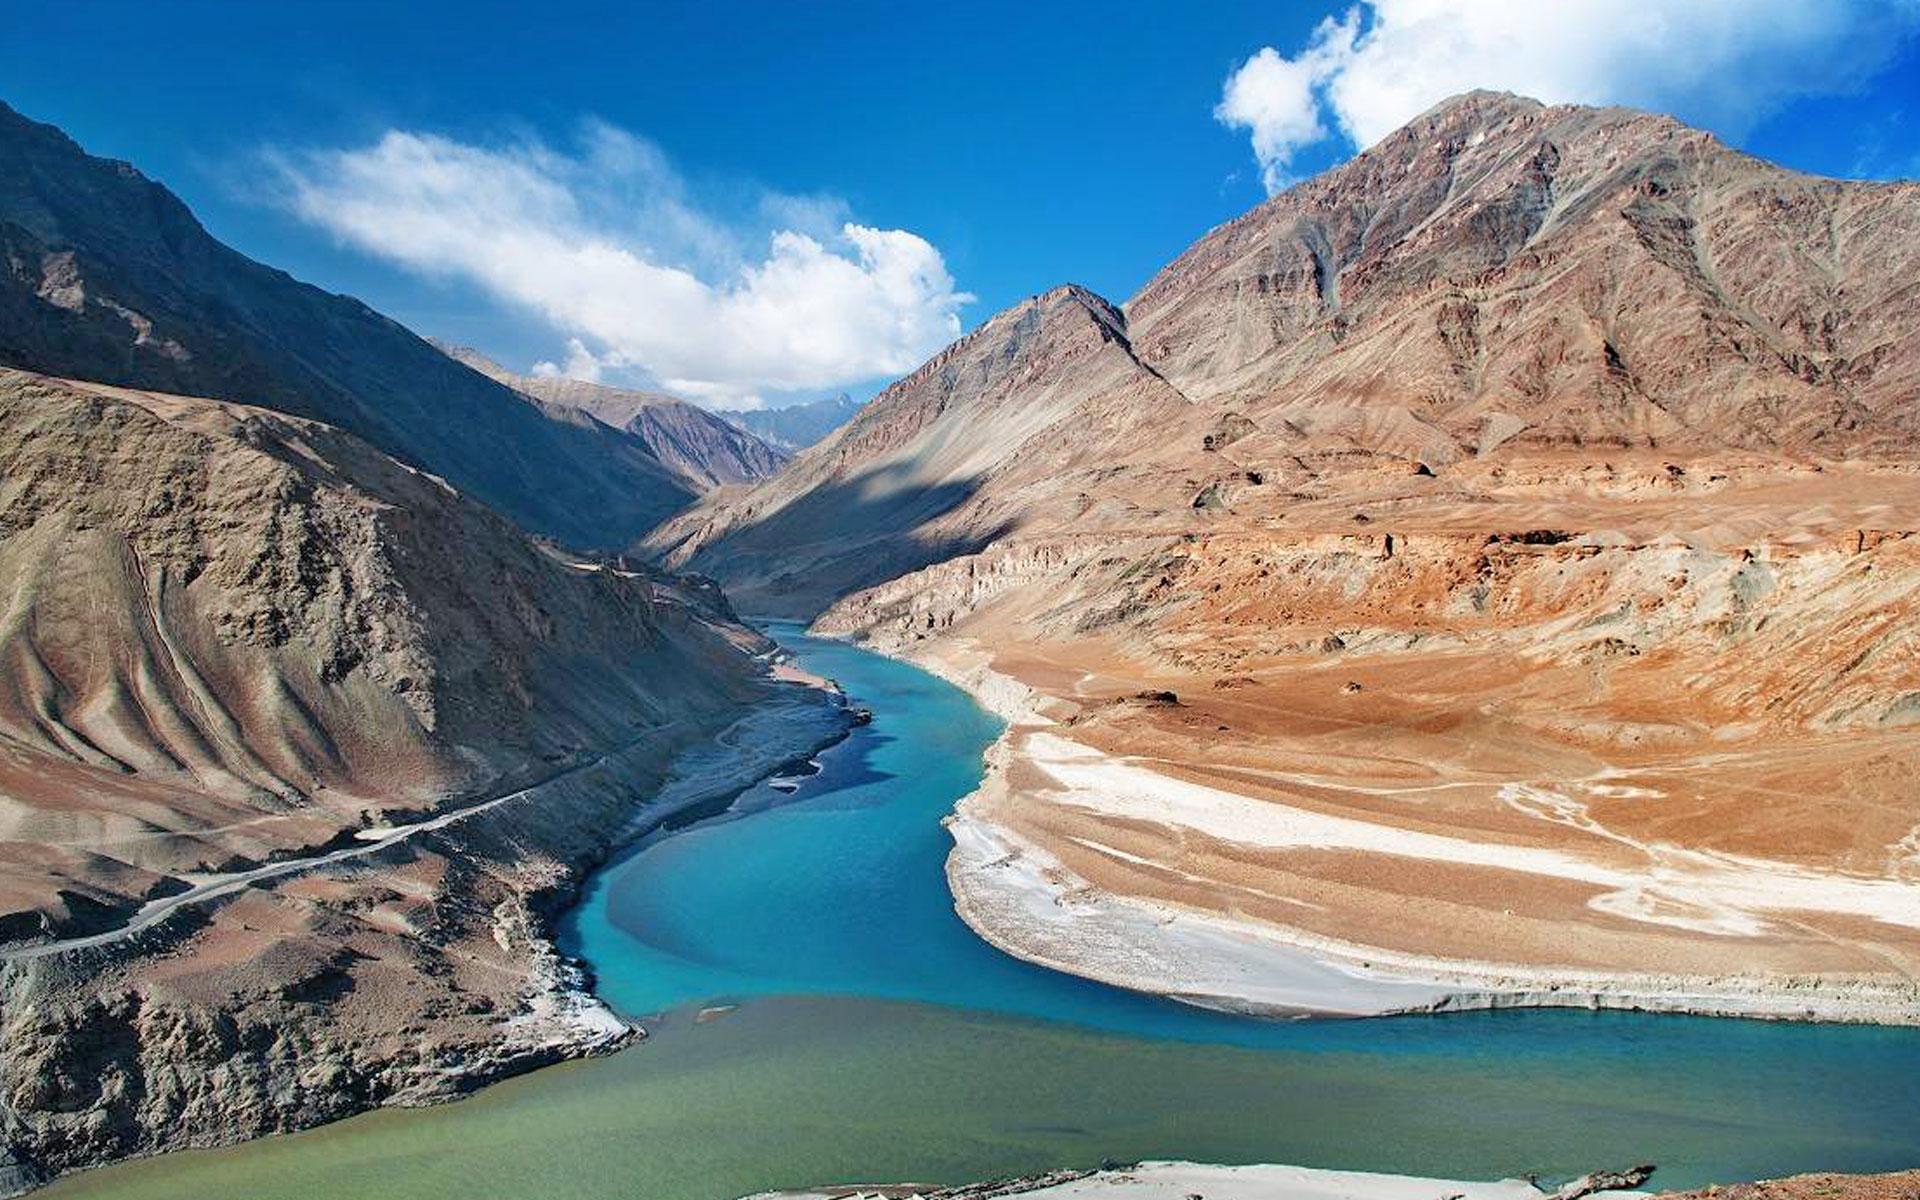 I ghiacciai dell'Himalaya si stanno sciogliendo: a rischio le scorte d'acqua per 221 milioni di persone